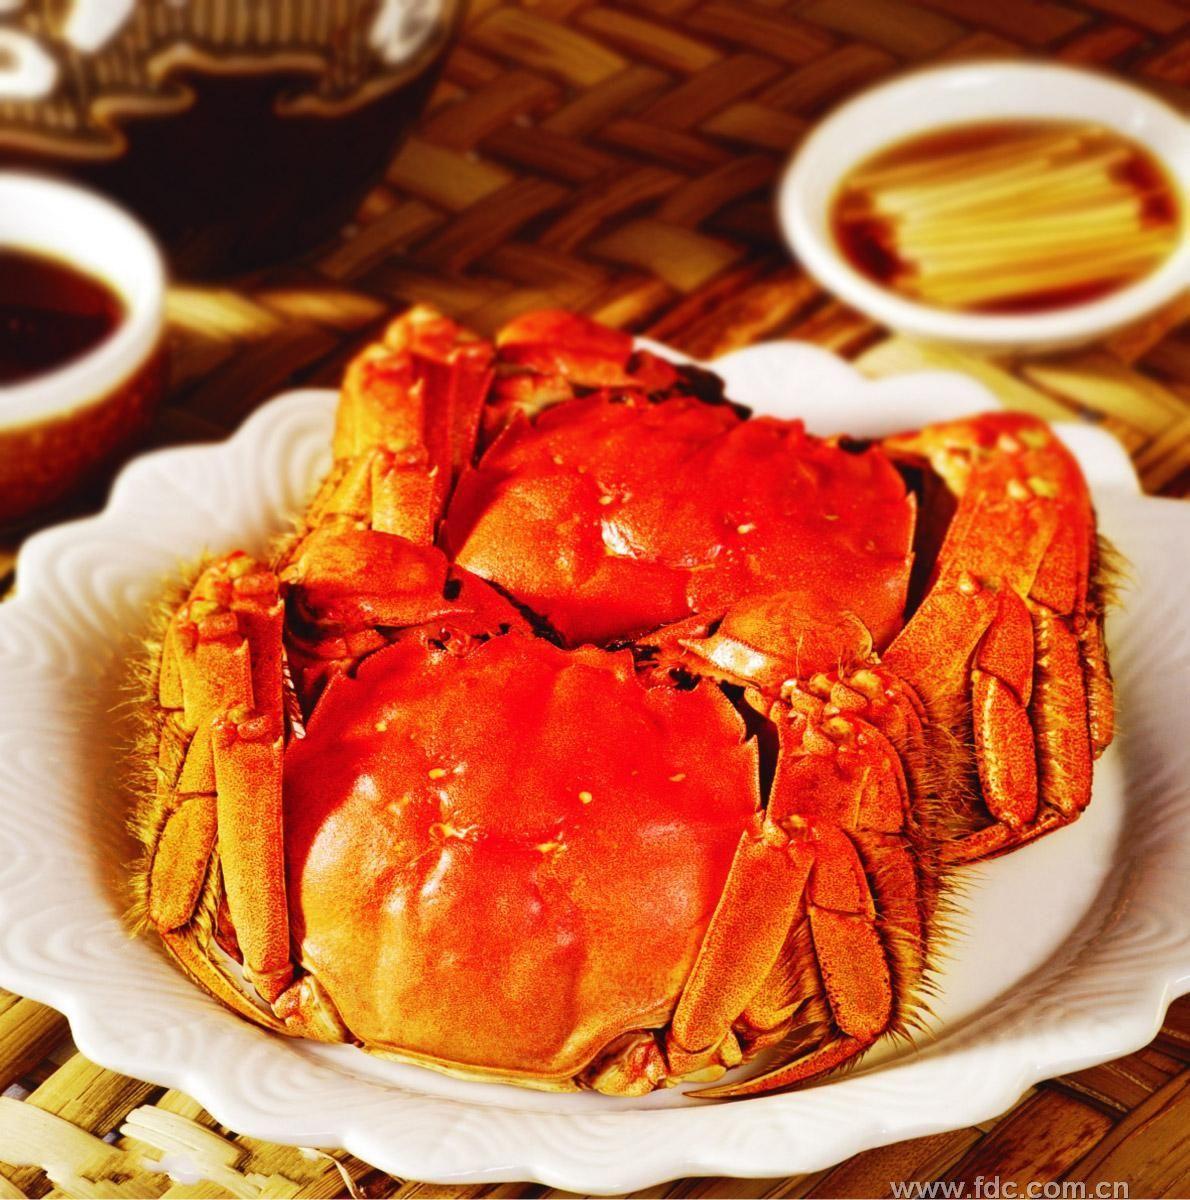 秋季哪些疾病患者忌吃螃蟹